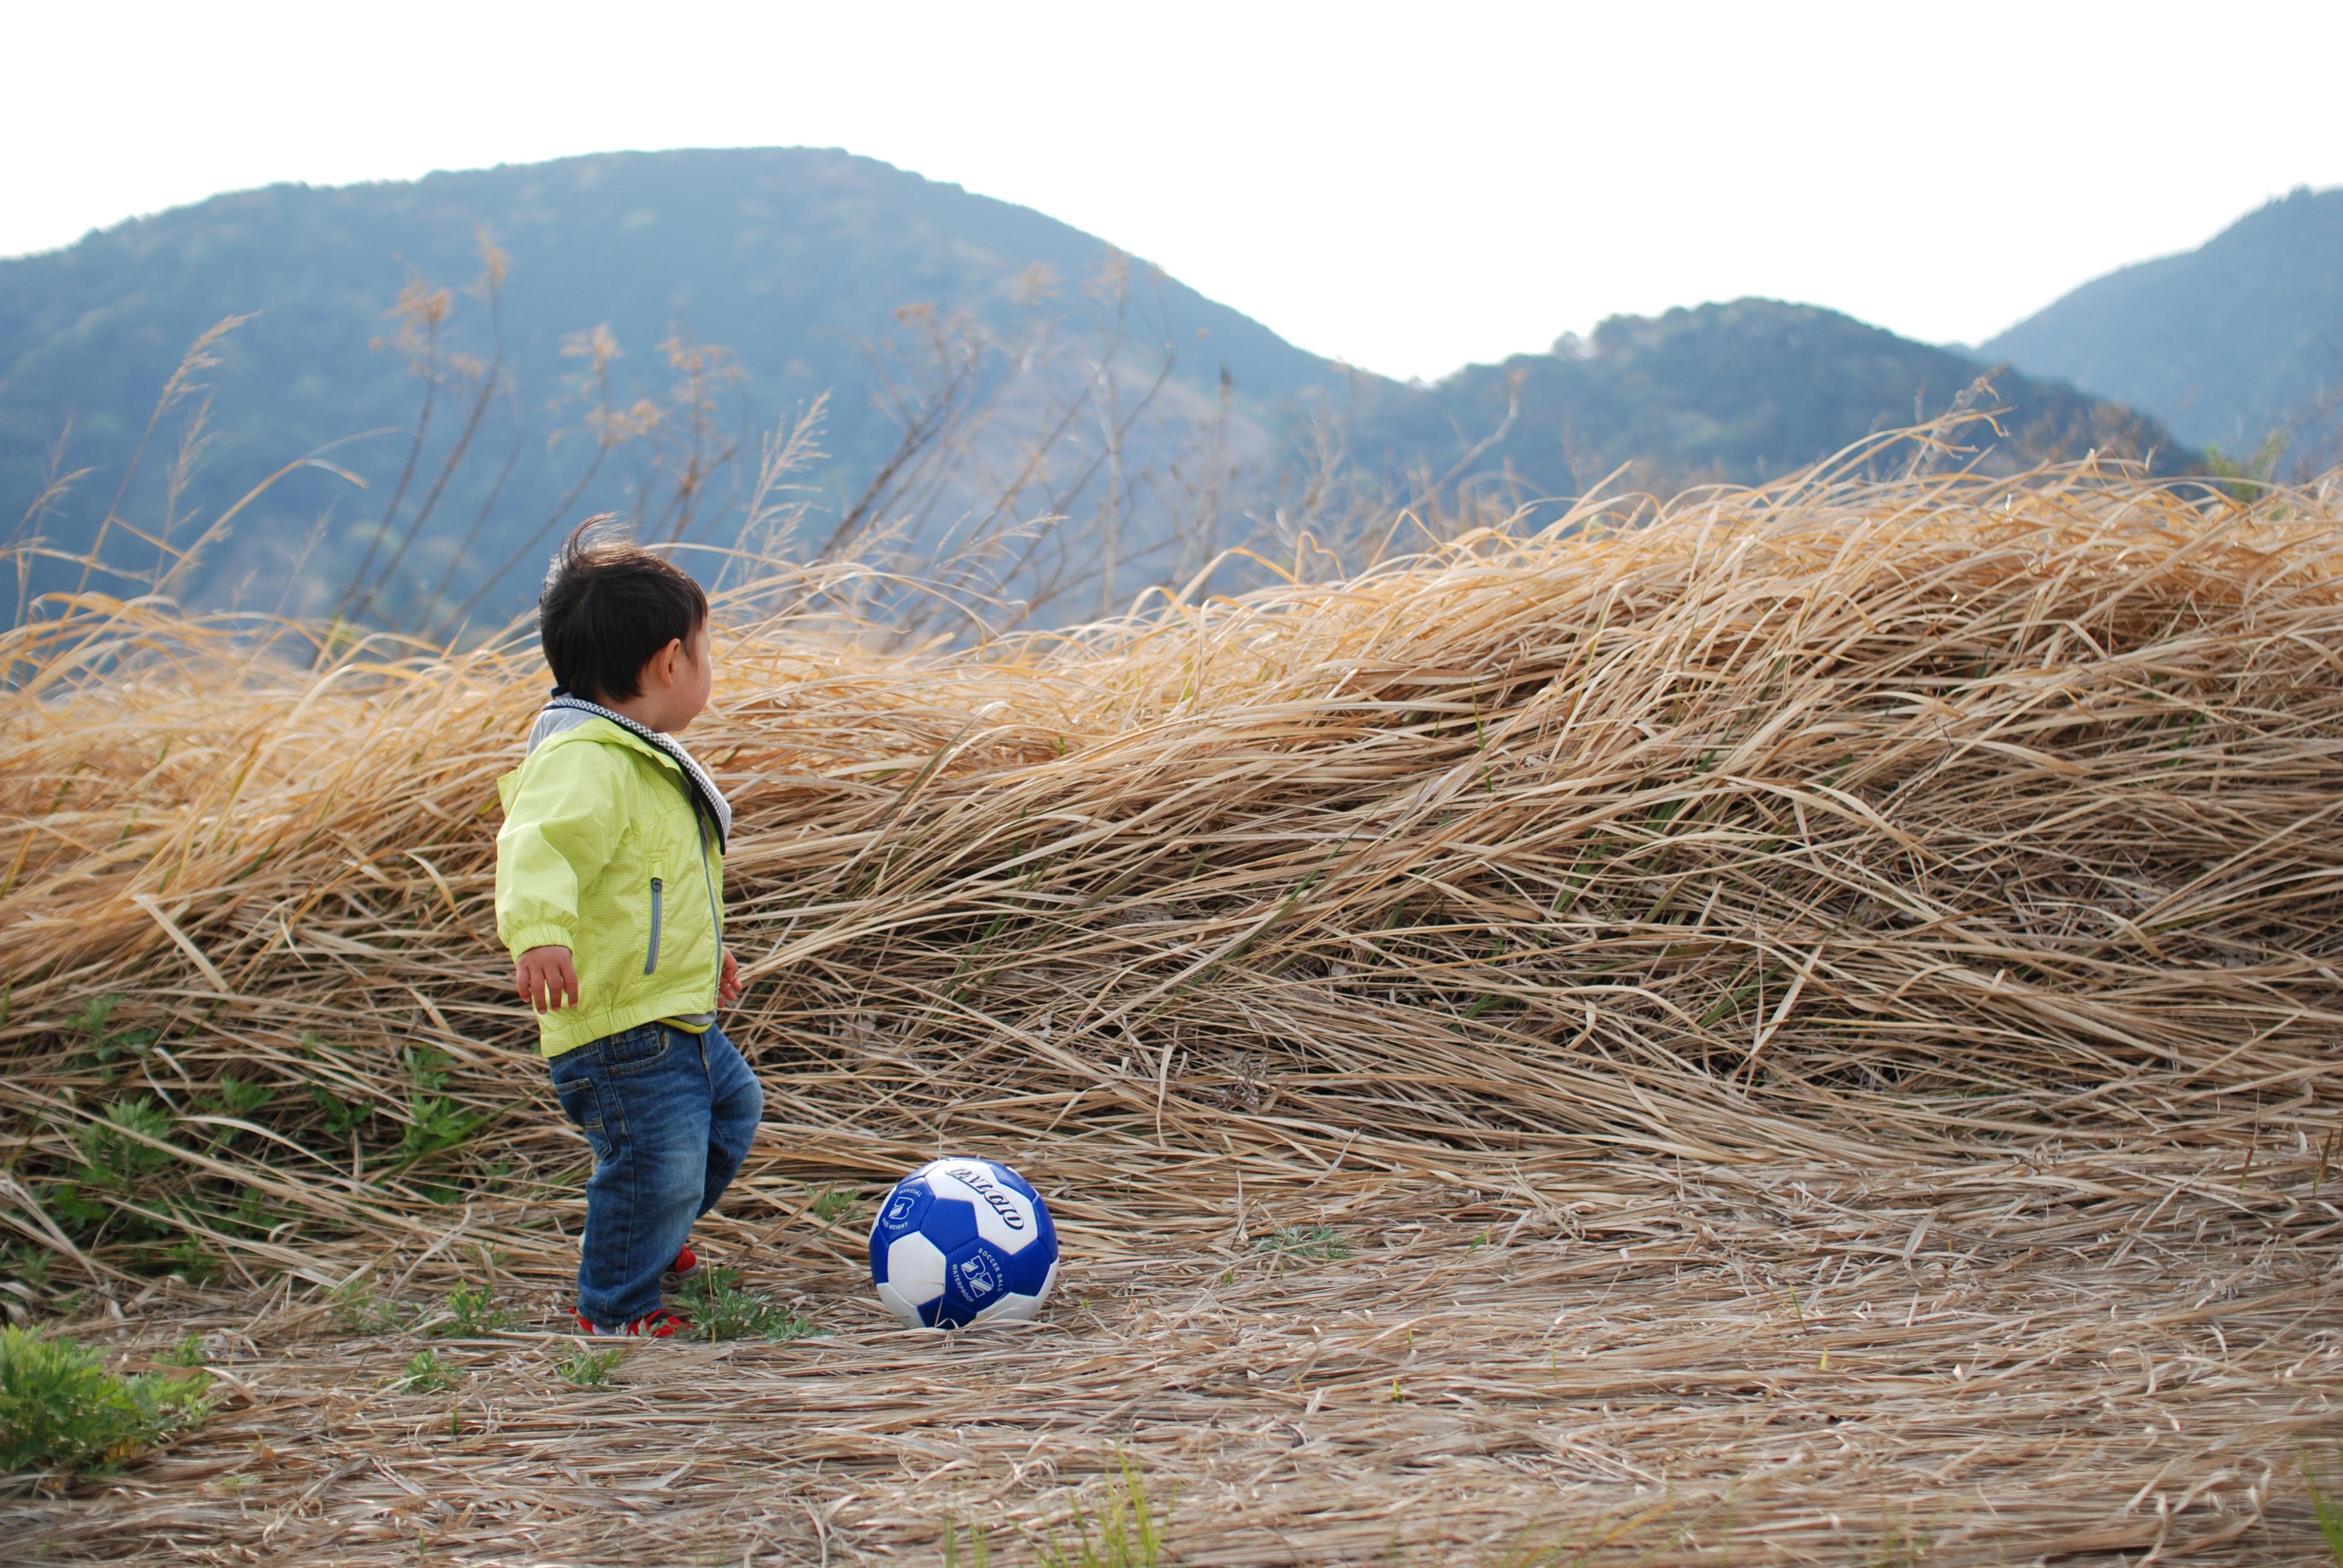 子供の写真を可愛く撮るコツ/余計なものが写らないようにして、シンプルにな写真に